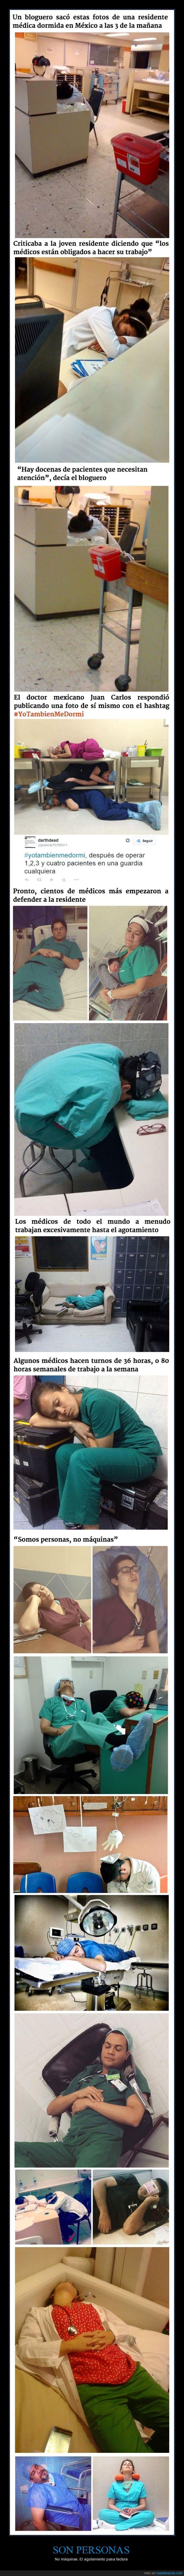 descansar,descanso,doctor,enfermera,hospital,maquina,medico,operacion,persona,residente,se lo merecen todo y más,sueño,turno,urgencias,yotambienmedormi